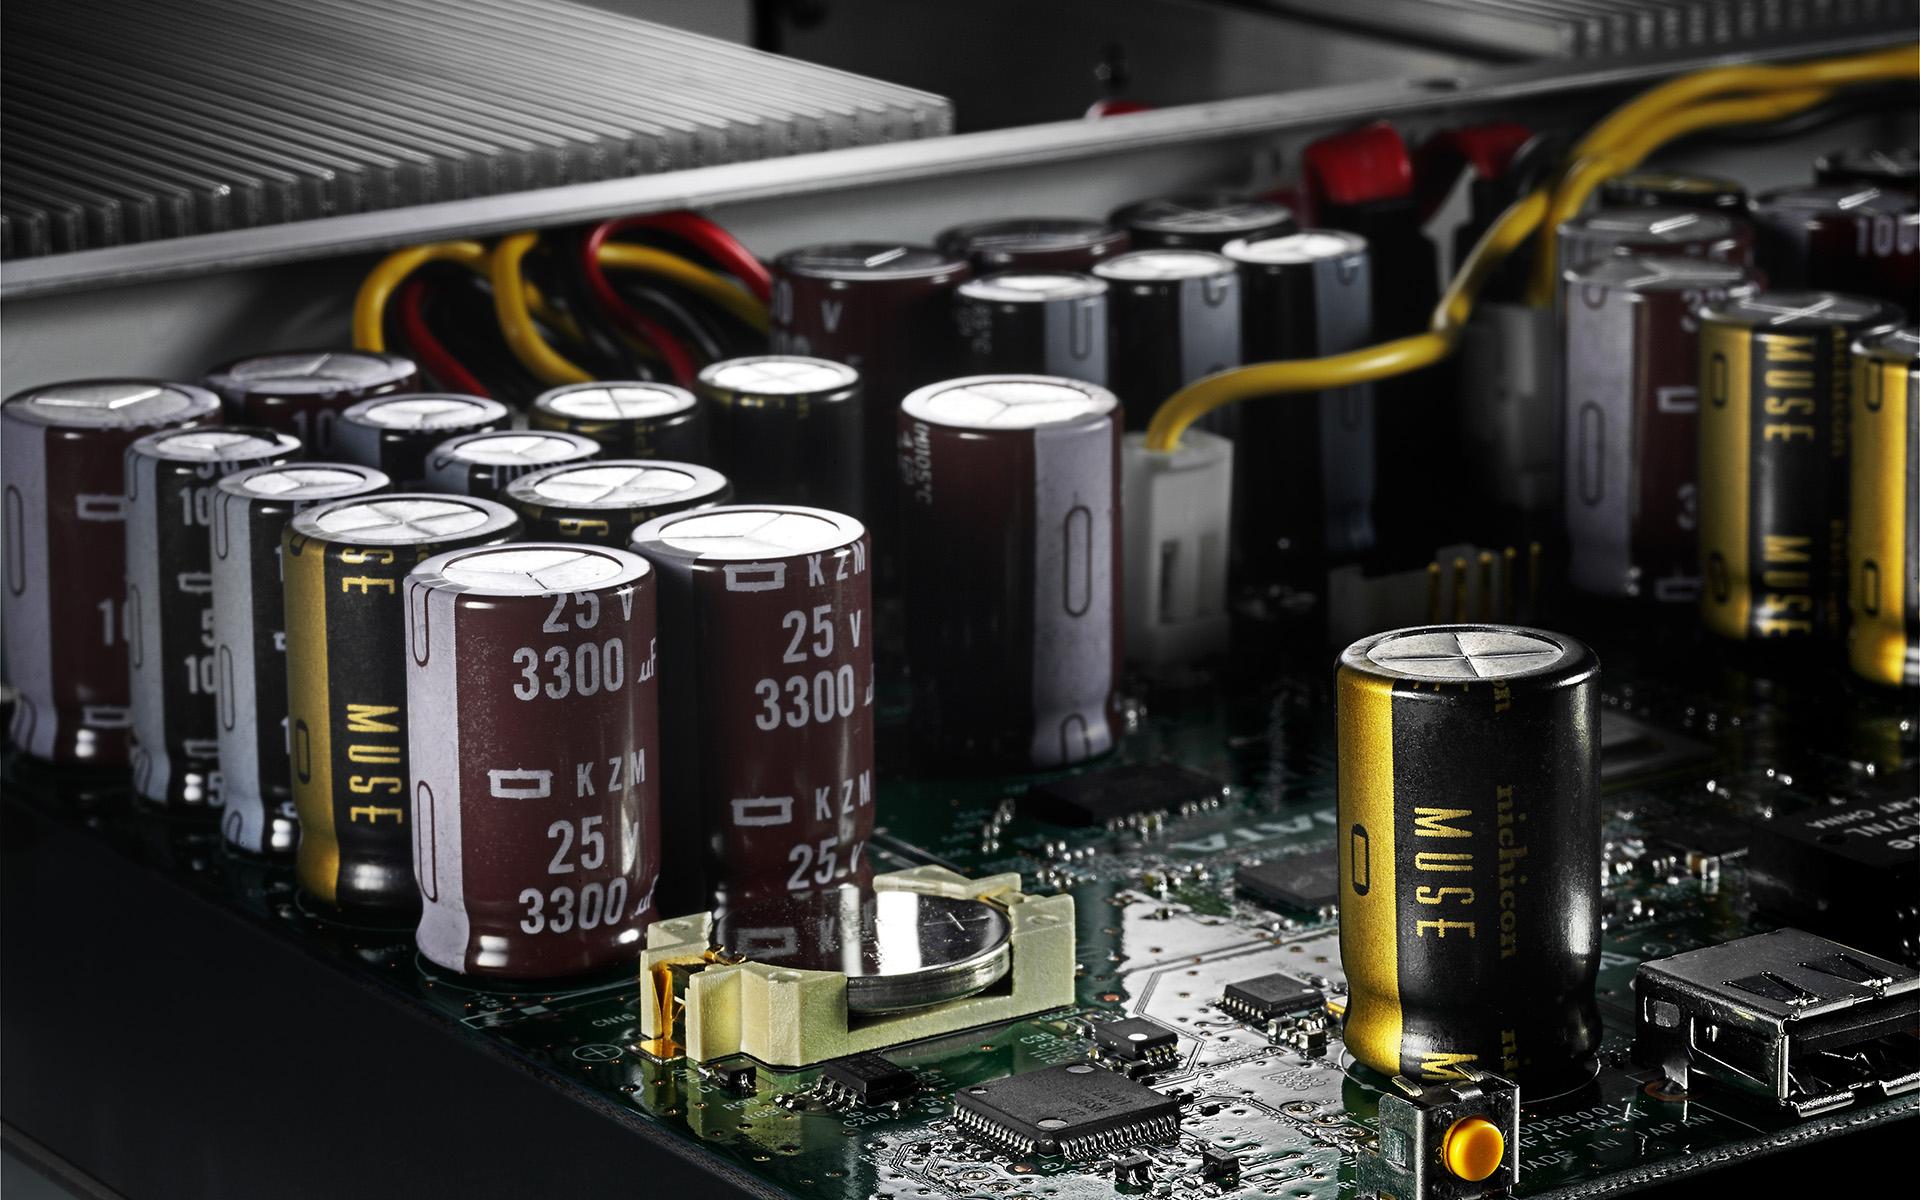 Японская компания Fidata представляет аудиосервер класса High End HFAS1-XS20U